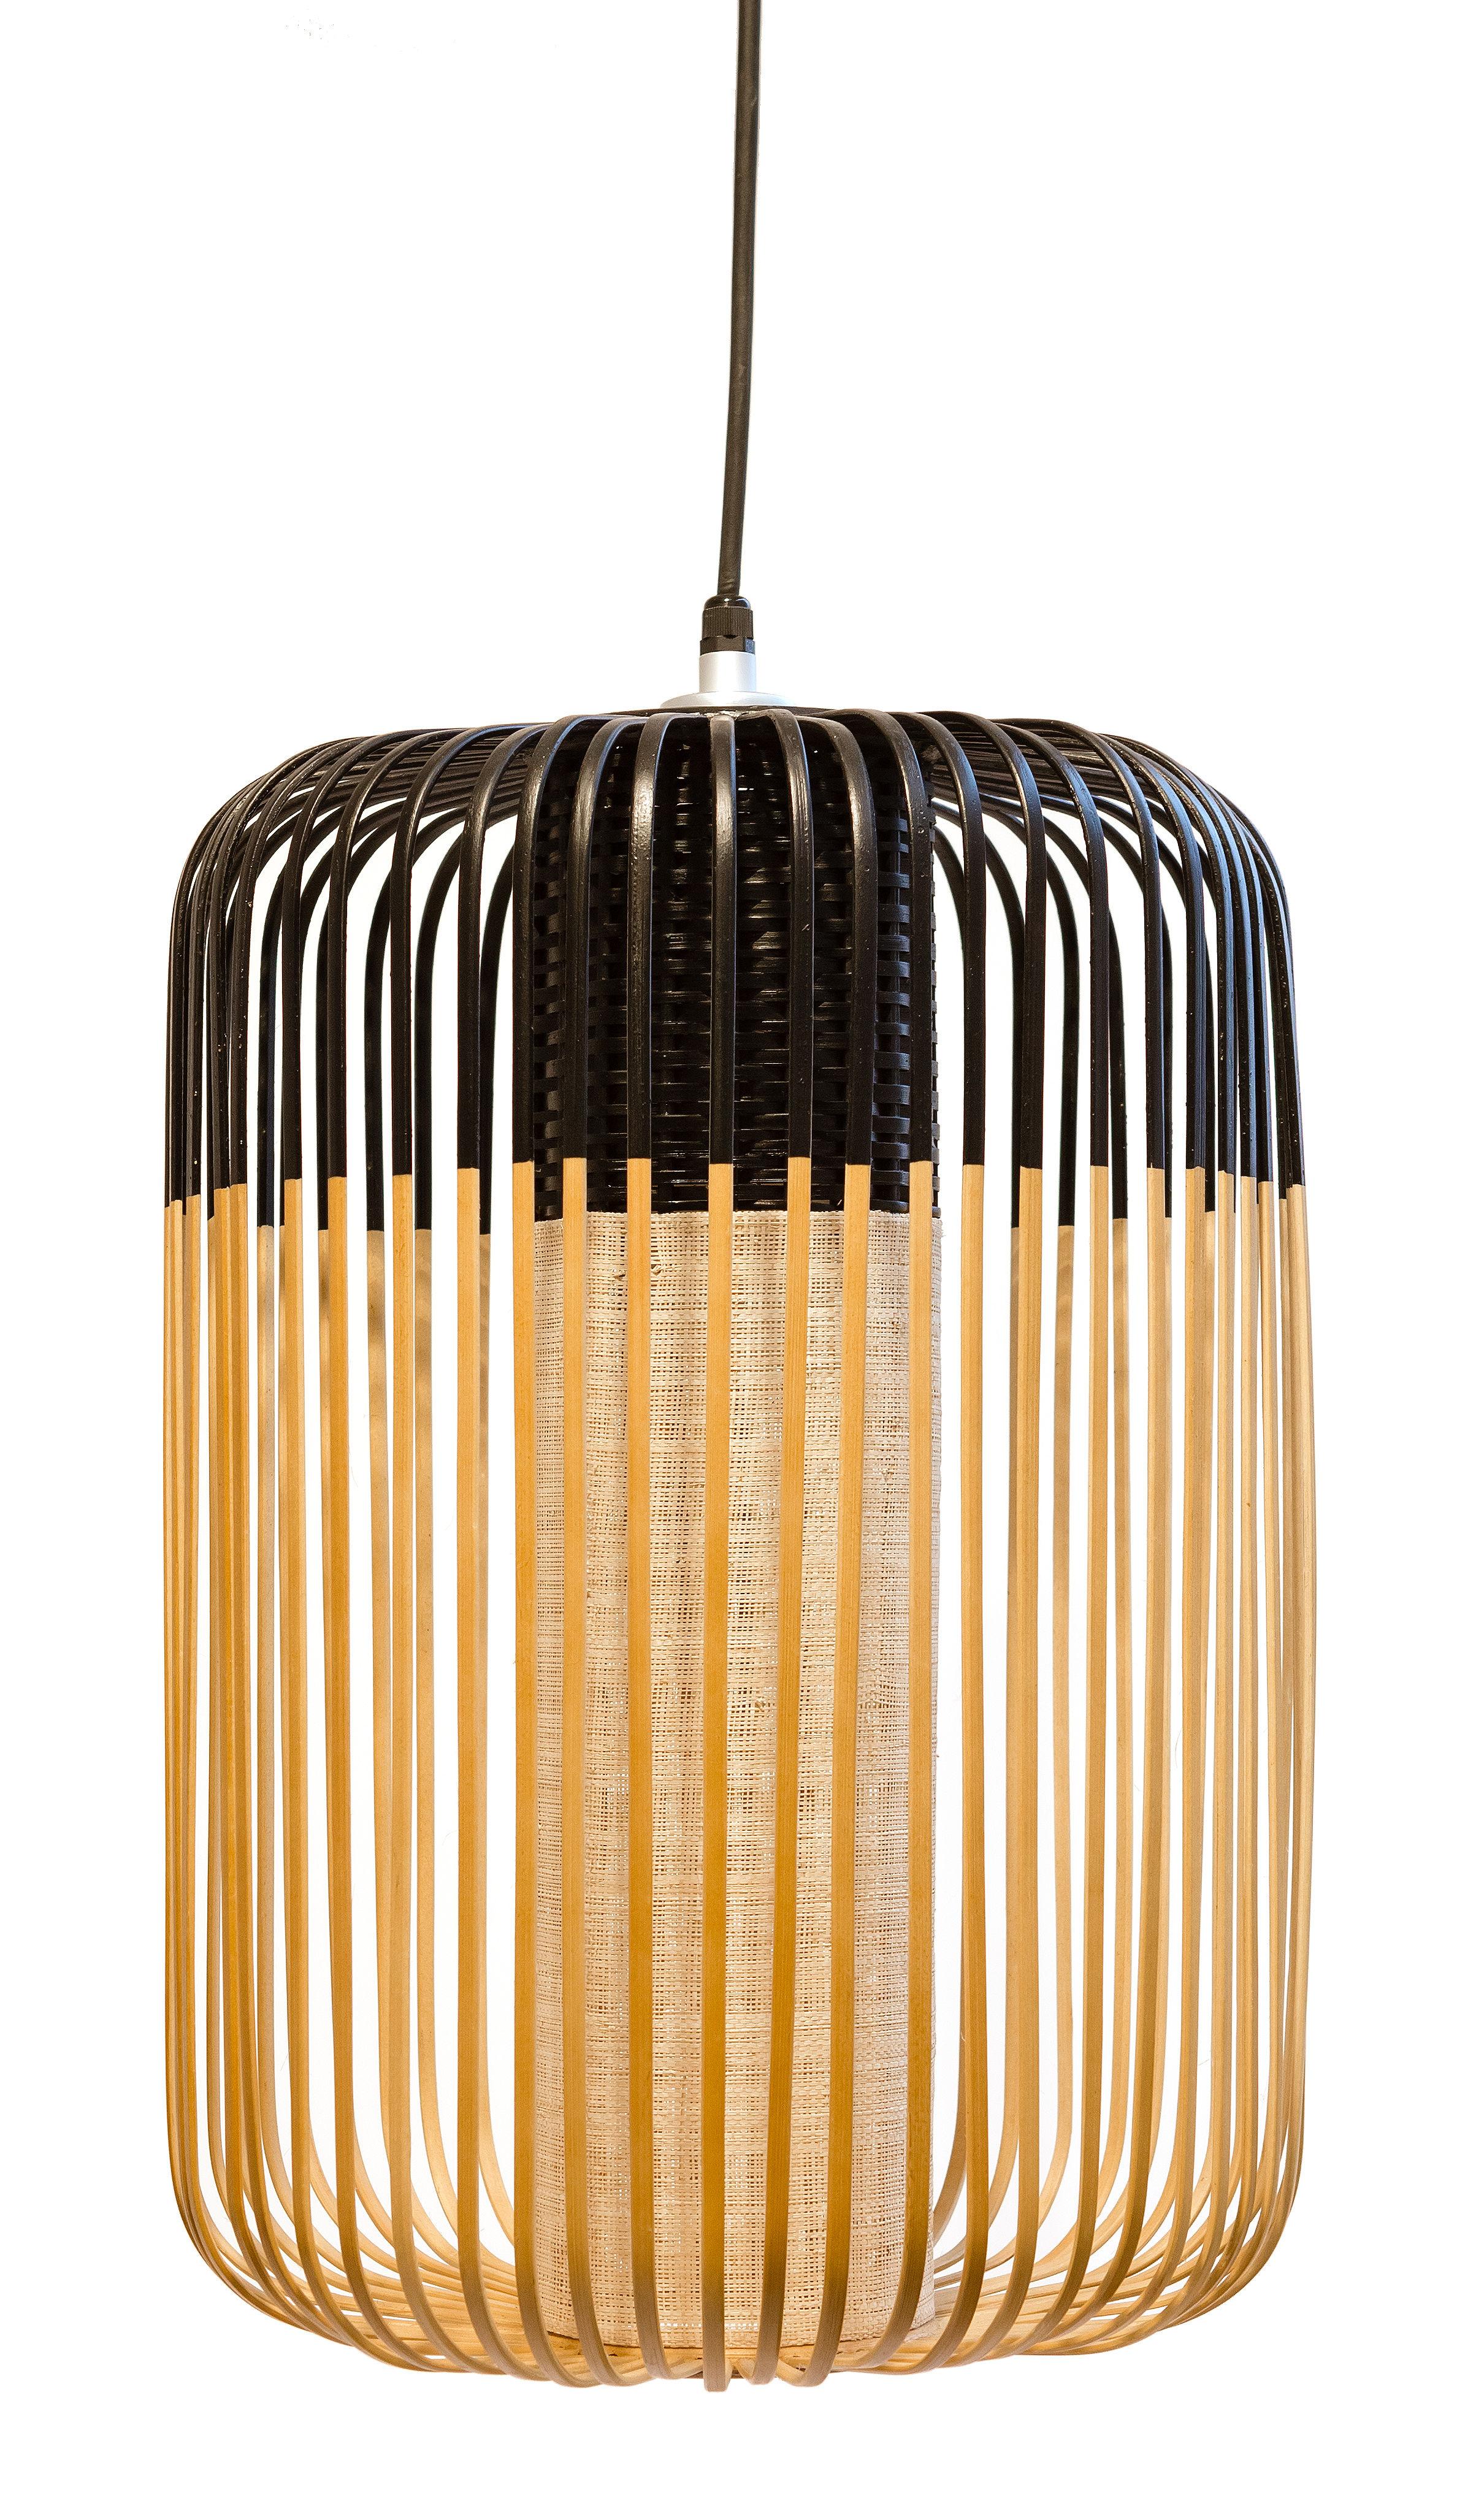 Leuchten - Pendelleuchten - Bamboo Light L Outdoor Pendelleuchte / H 50 cm x Ø 35 cm - Forestier - Schwarz / natur - Kautschuk, Naturbambus